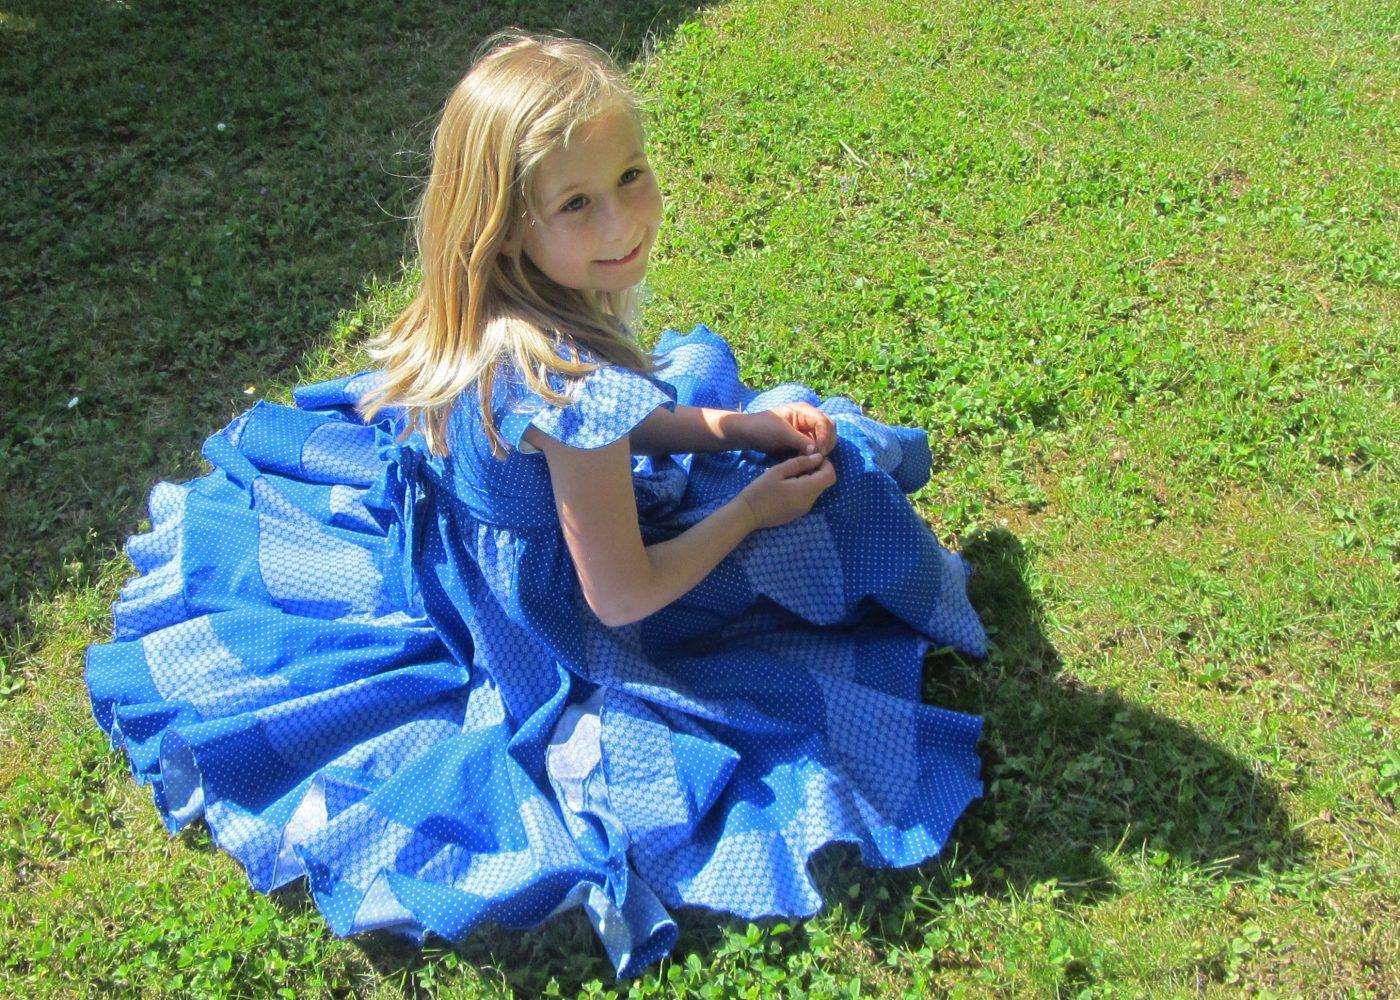 Traumkleider für kleine Prinzessinen